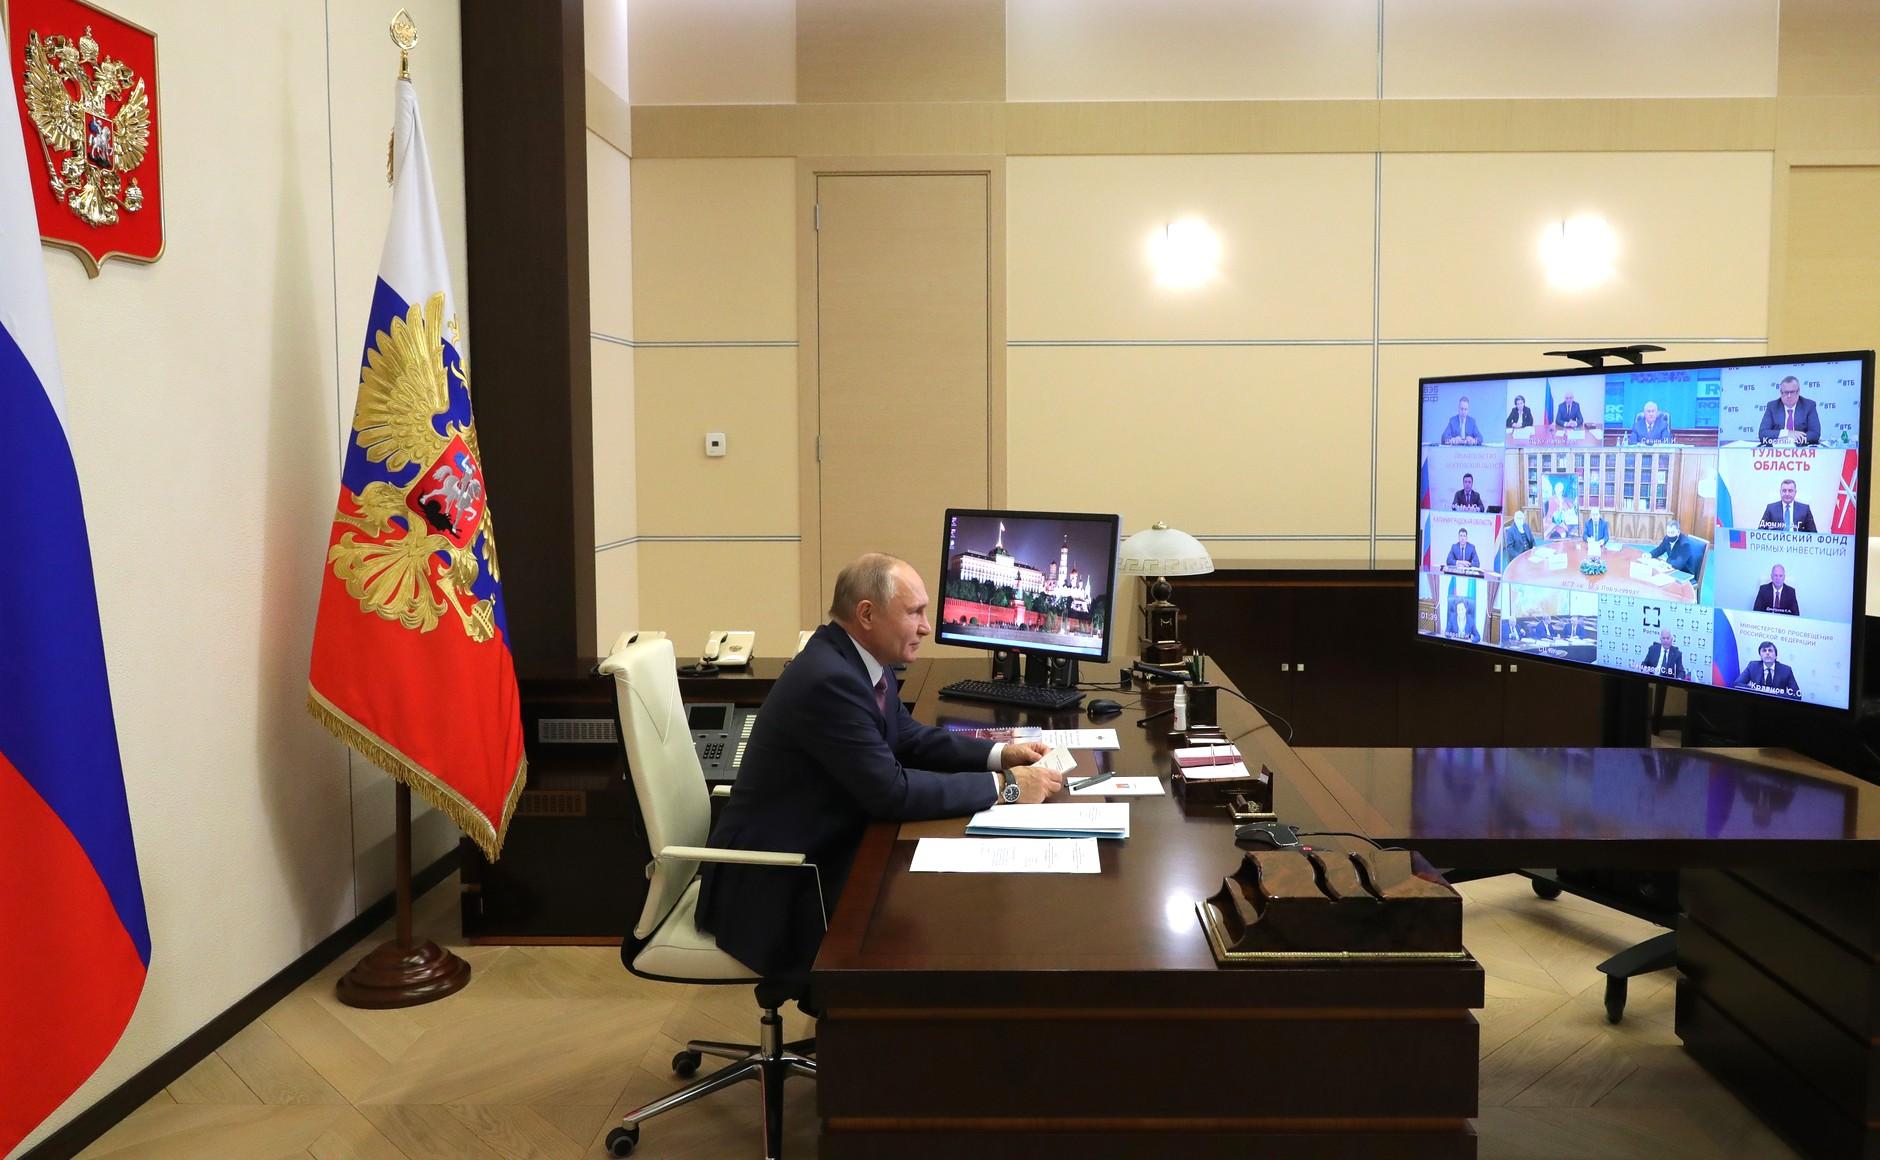 UNIVERSITE RUSSIE 1 SUR 3 Réunion du conseil d'administration de l'Université d'État de Moscou 24 décembre 2020